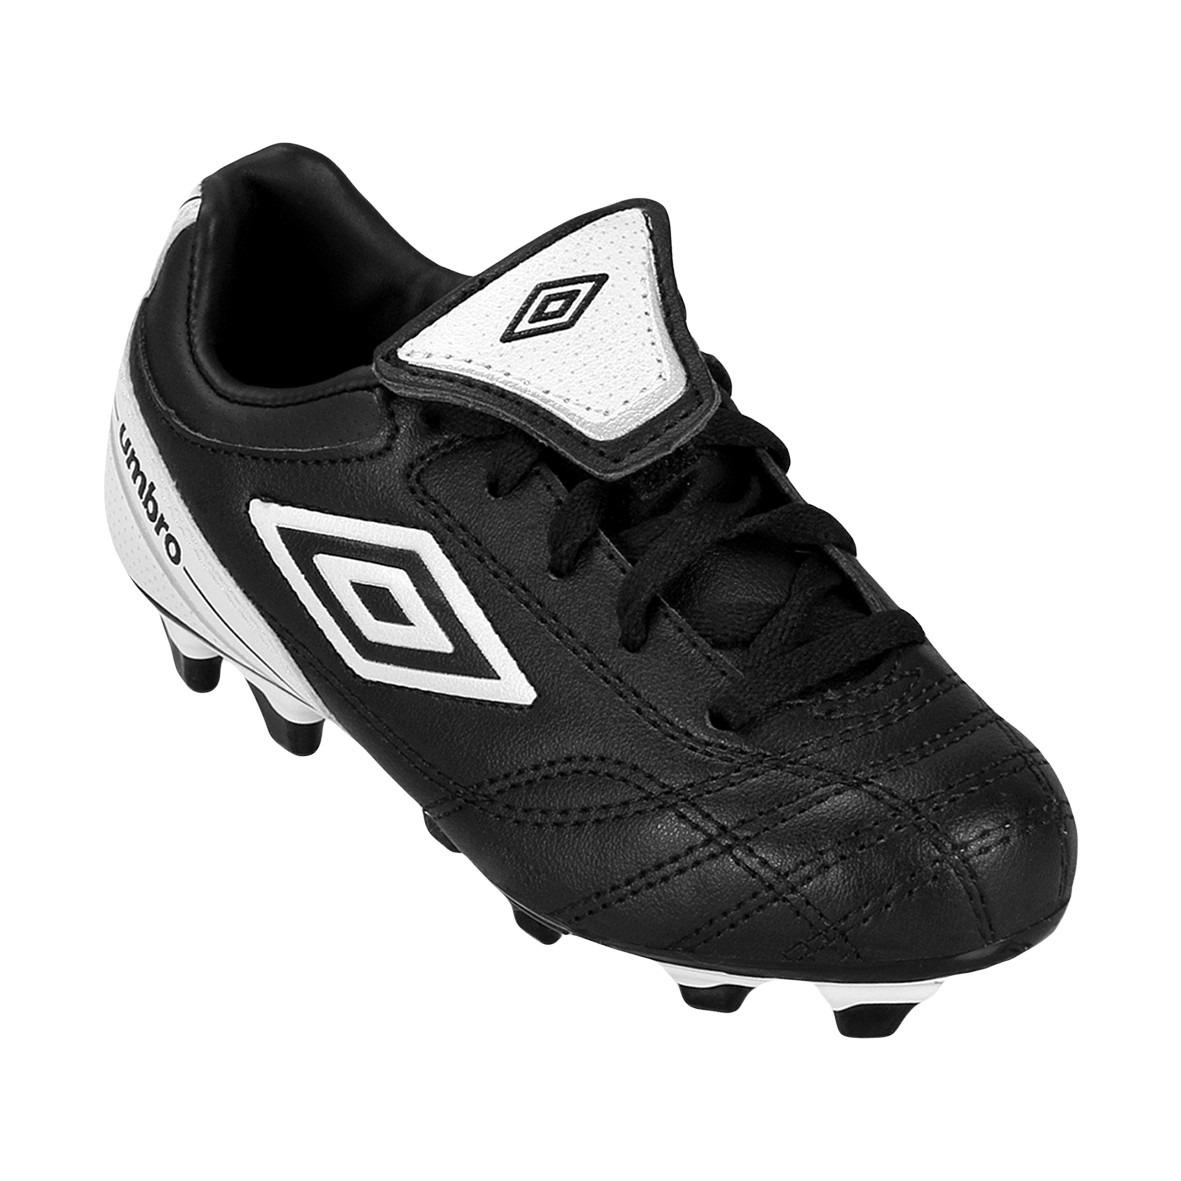 bc28b6ee4bf72 Tenis Zapatos De Futbol Umbro -   450.00 en Mercado Libre